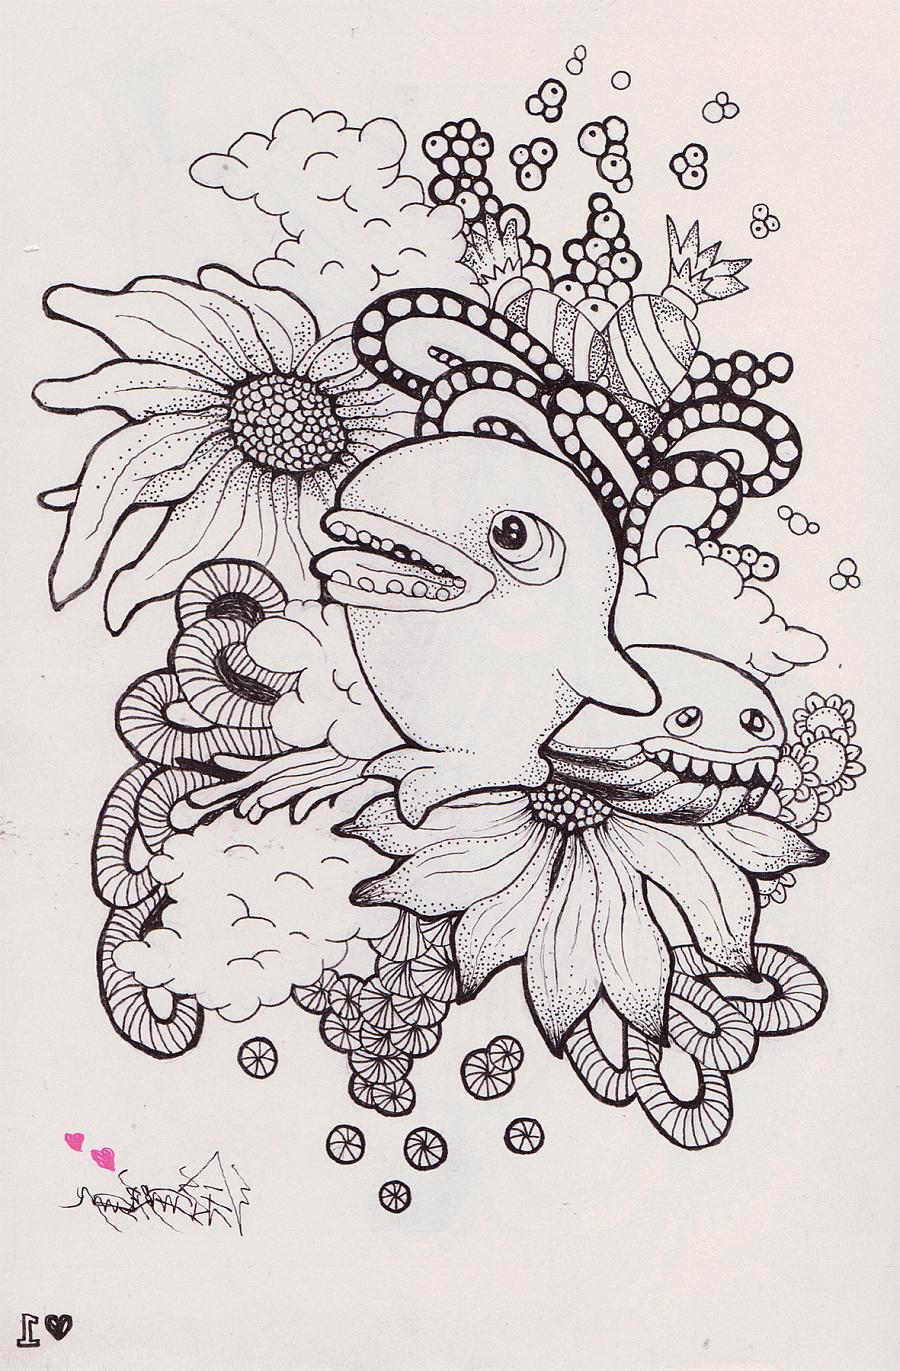 针管笔手绘|概念设定|插画|xpp520520